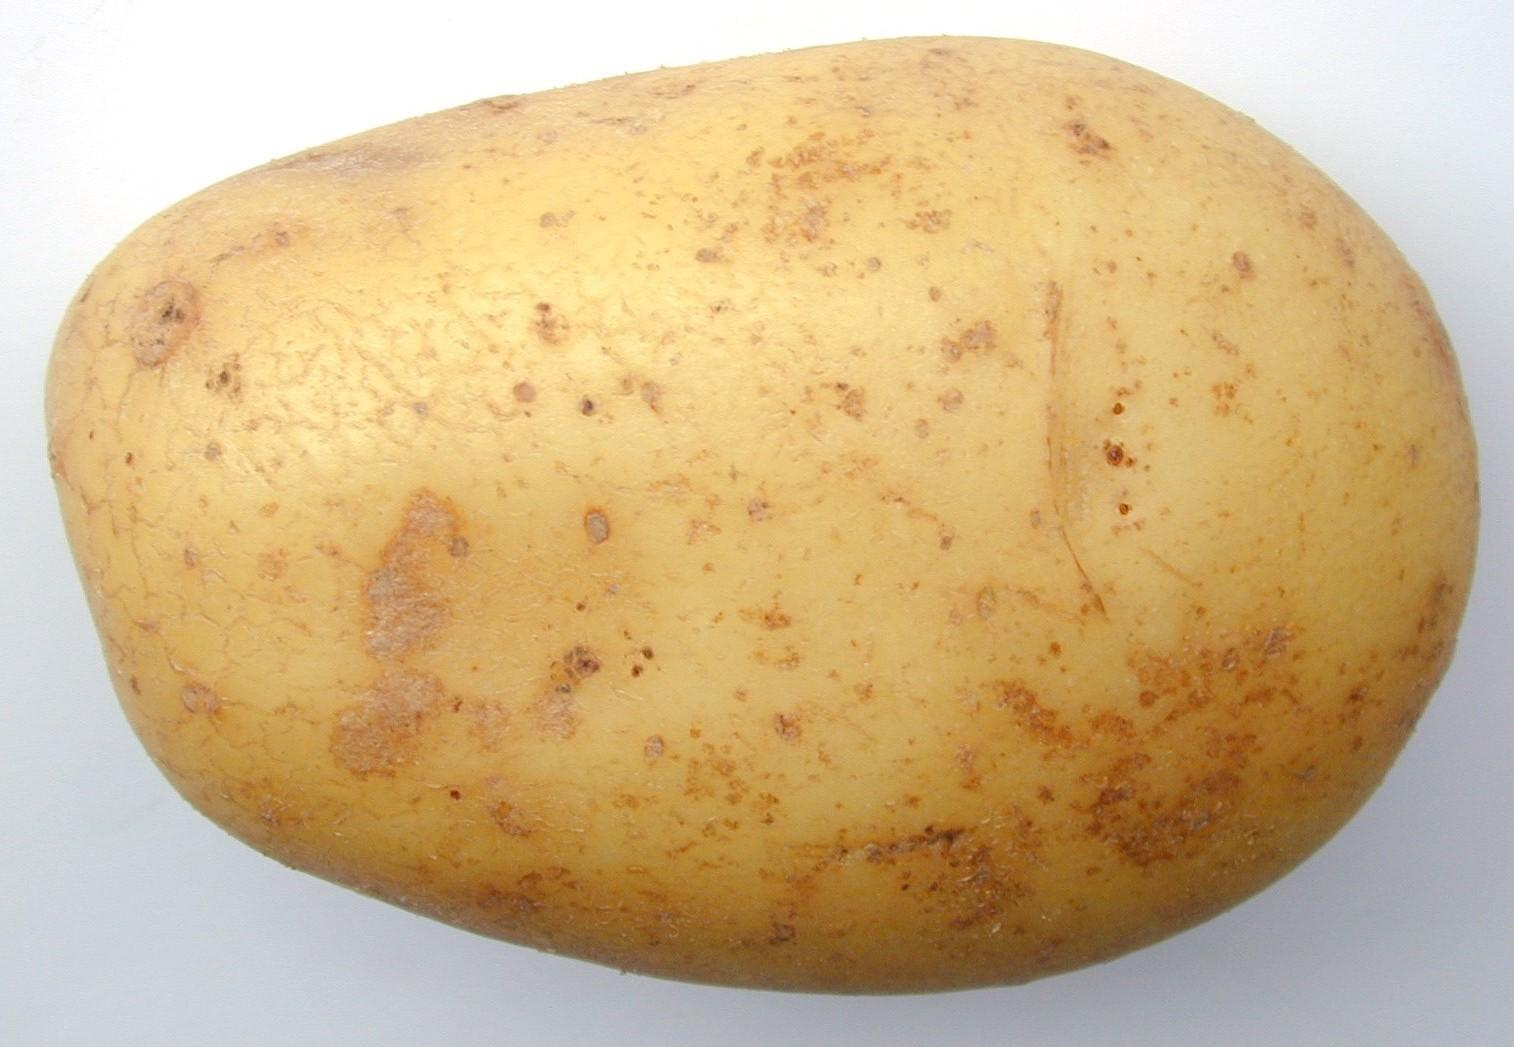 https://i1.wp.com/www.freeimageslive.com/galleries/food/fruitveg/pics/potato0730.jpg